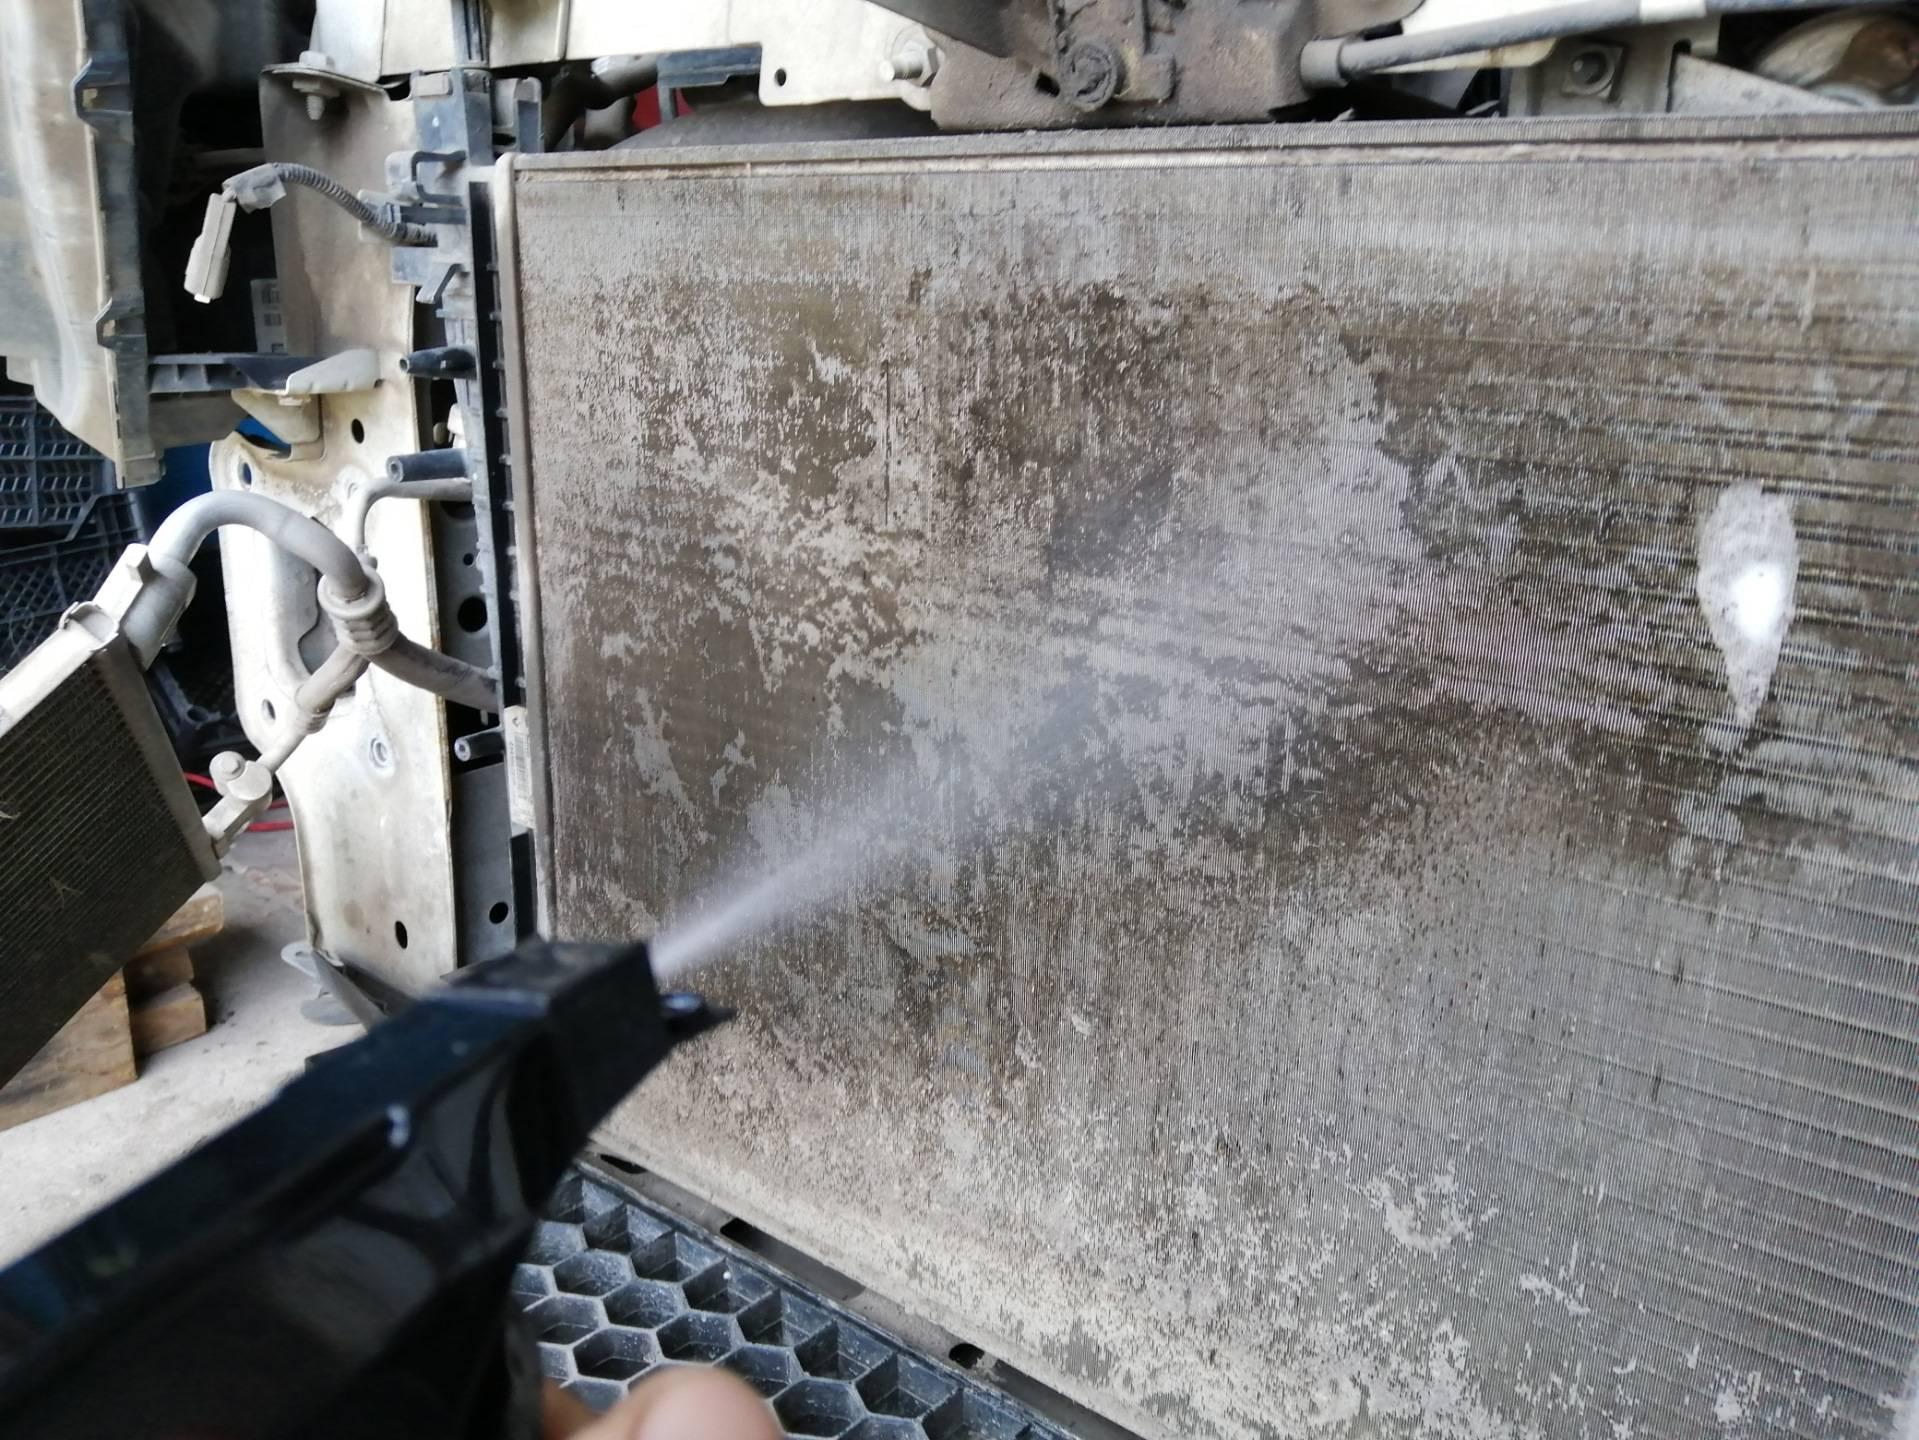 Как промыть систему отопления чем правильно промыть трубы и батареи отопления, фото и видео